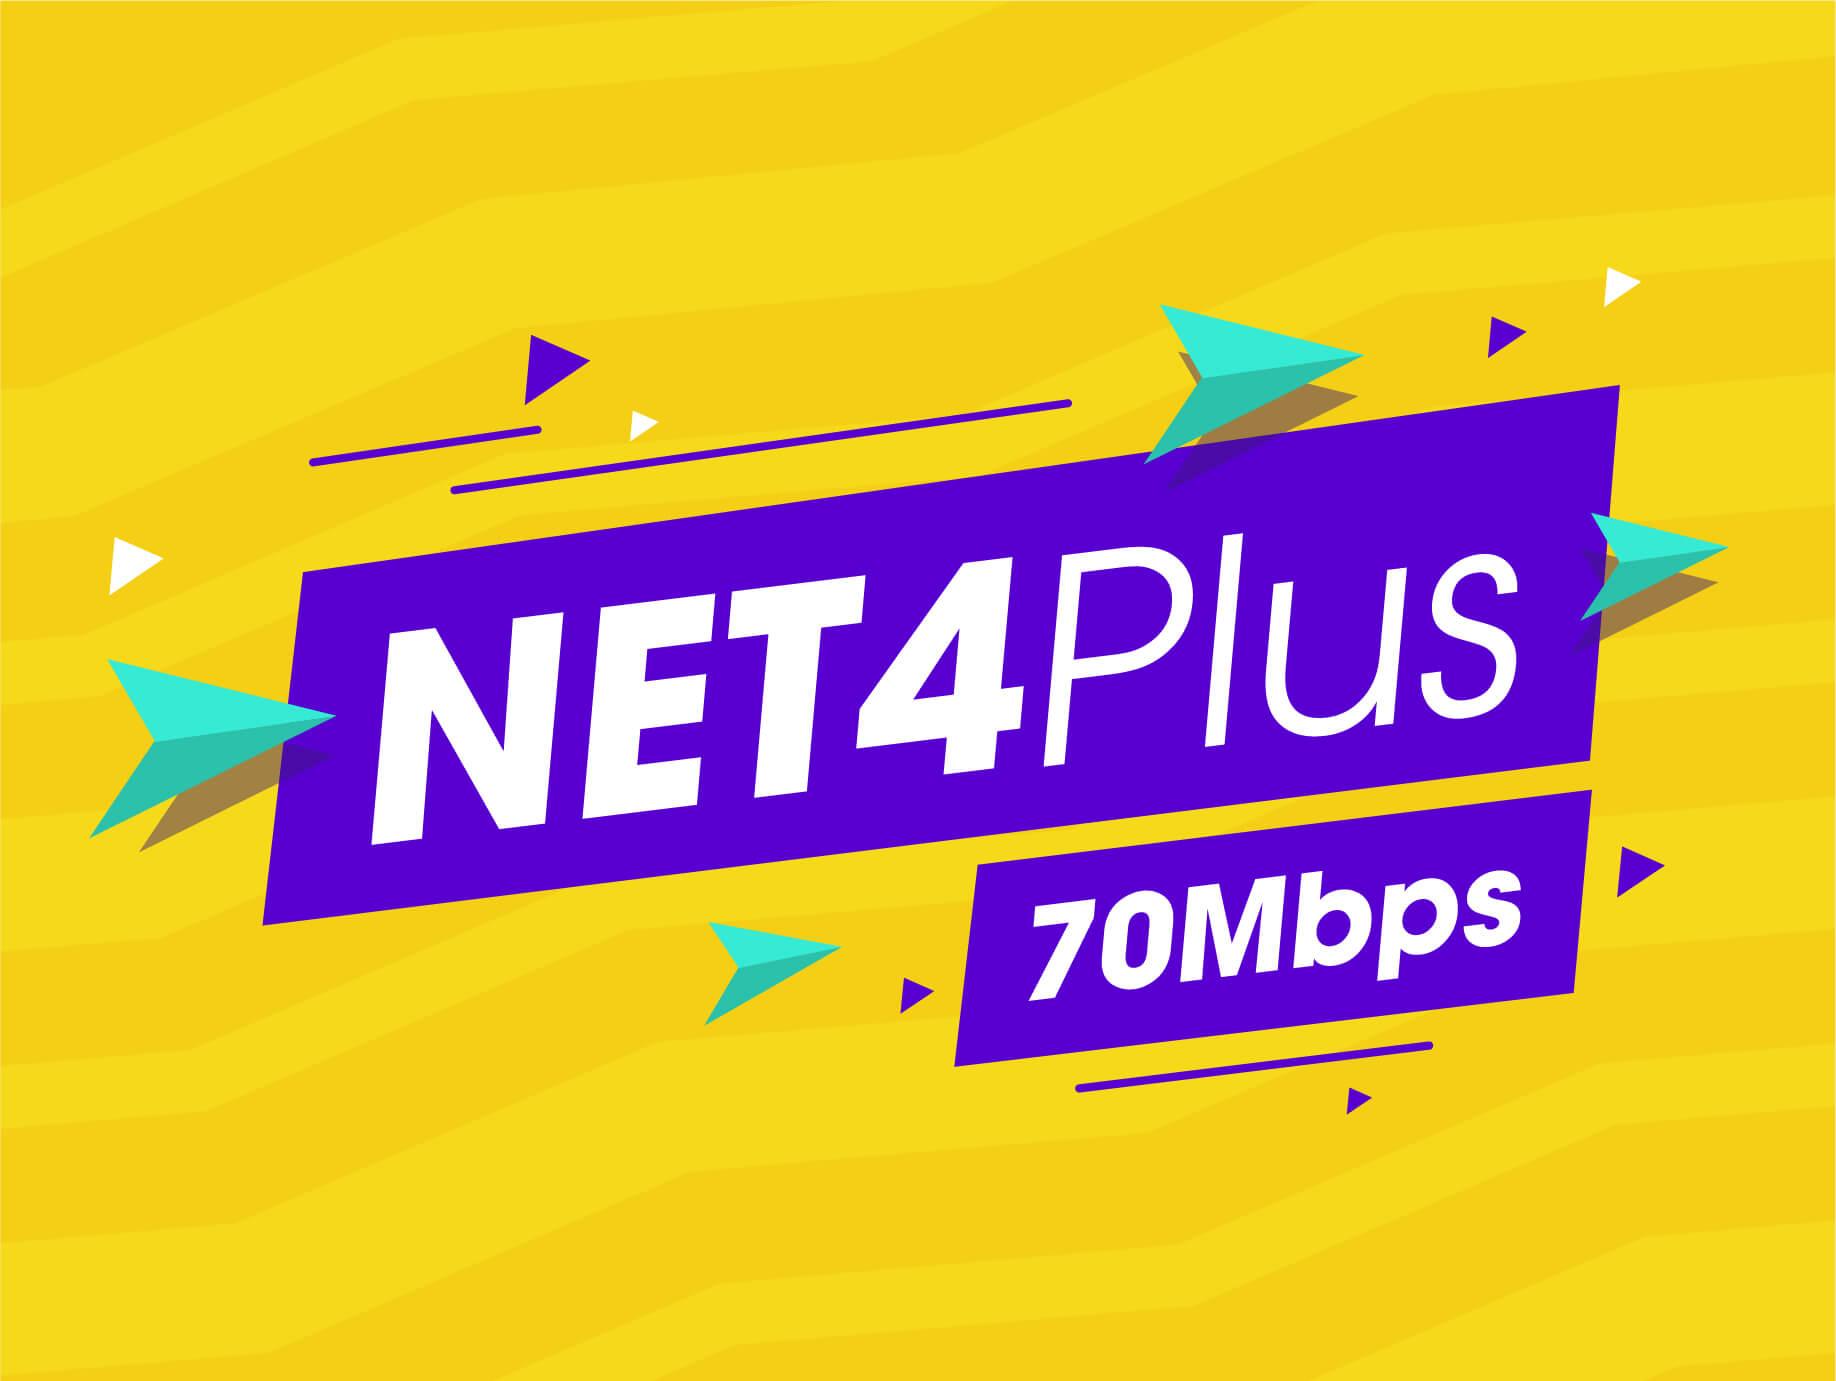 Net 4 plus 70 Mbps